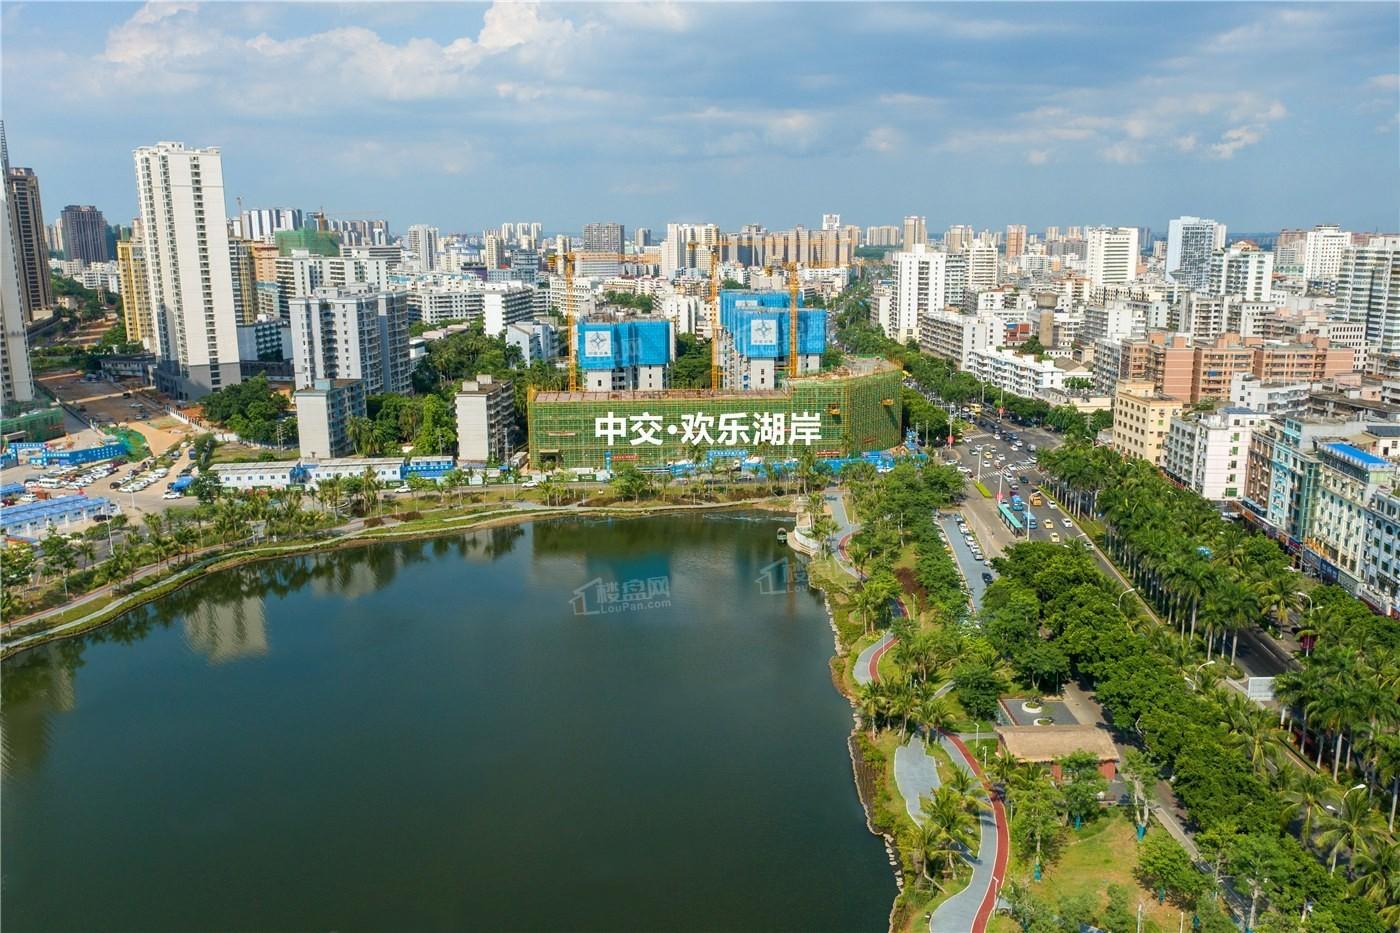 中交欢乐湖岸实景图